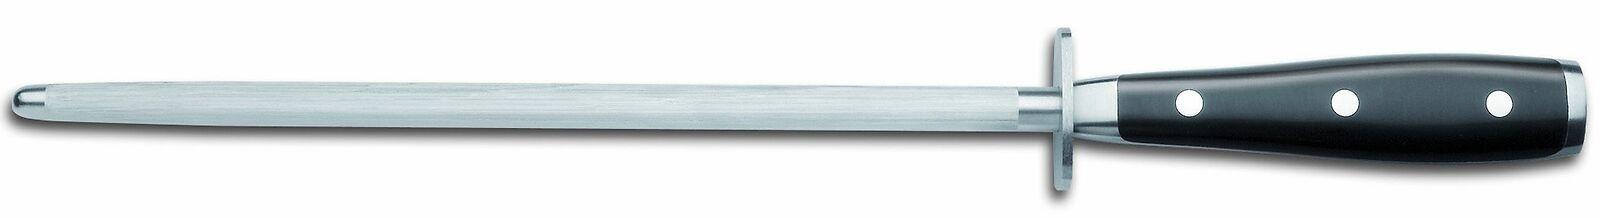 Wusthof Classic Ikon Fusil à aiguiser en acier, 26 cm